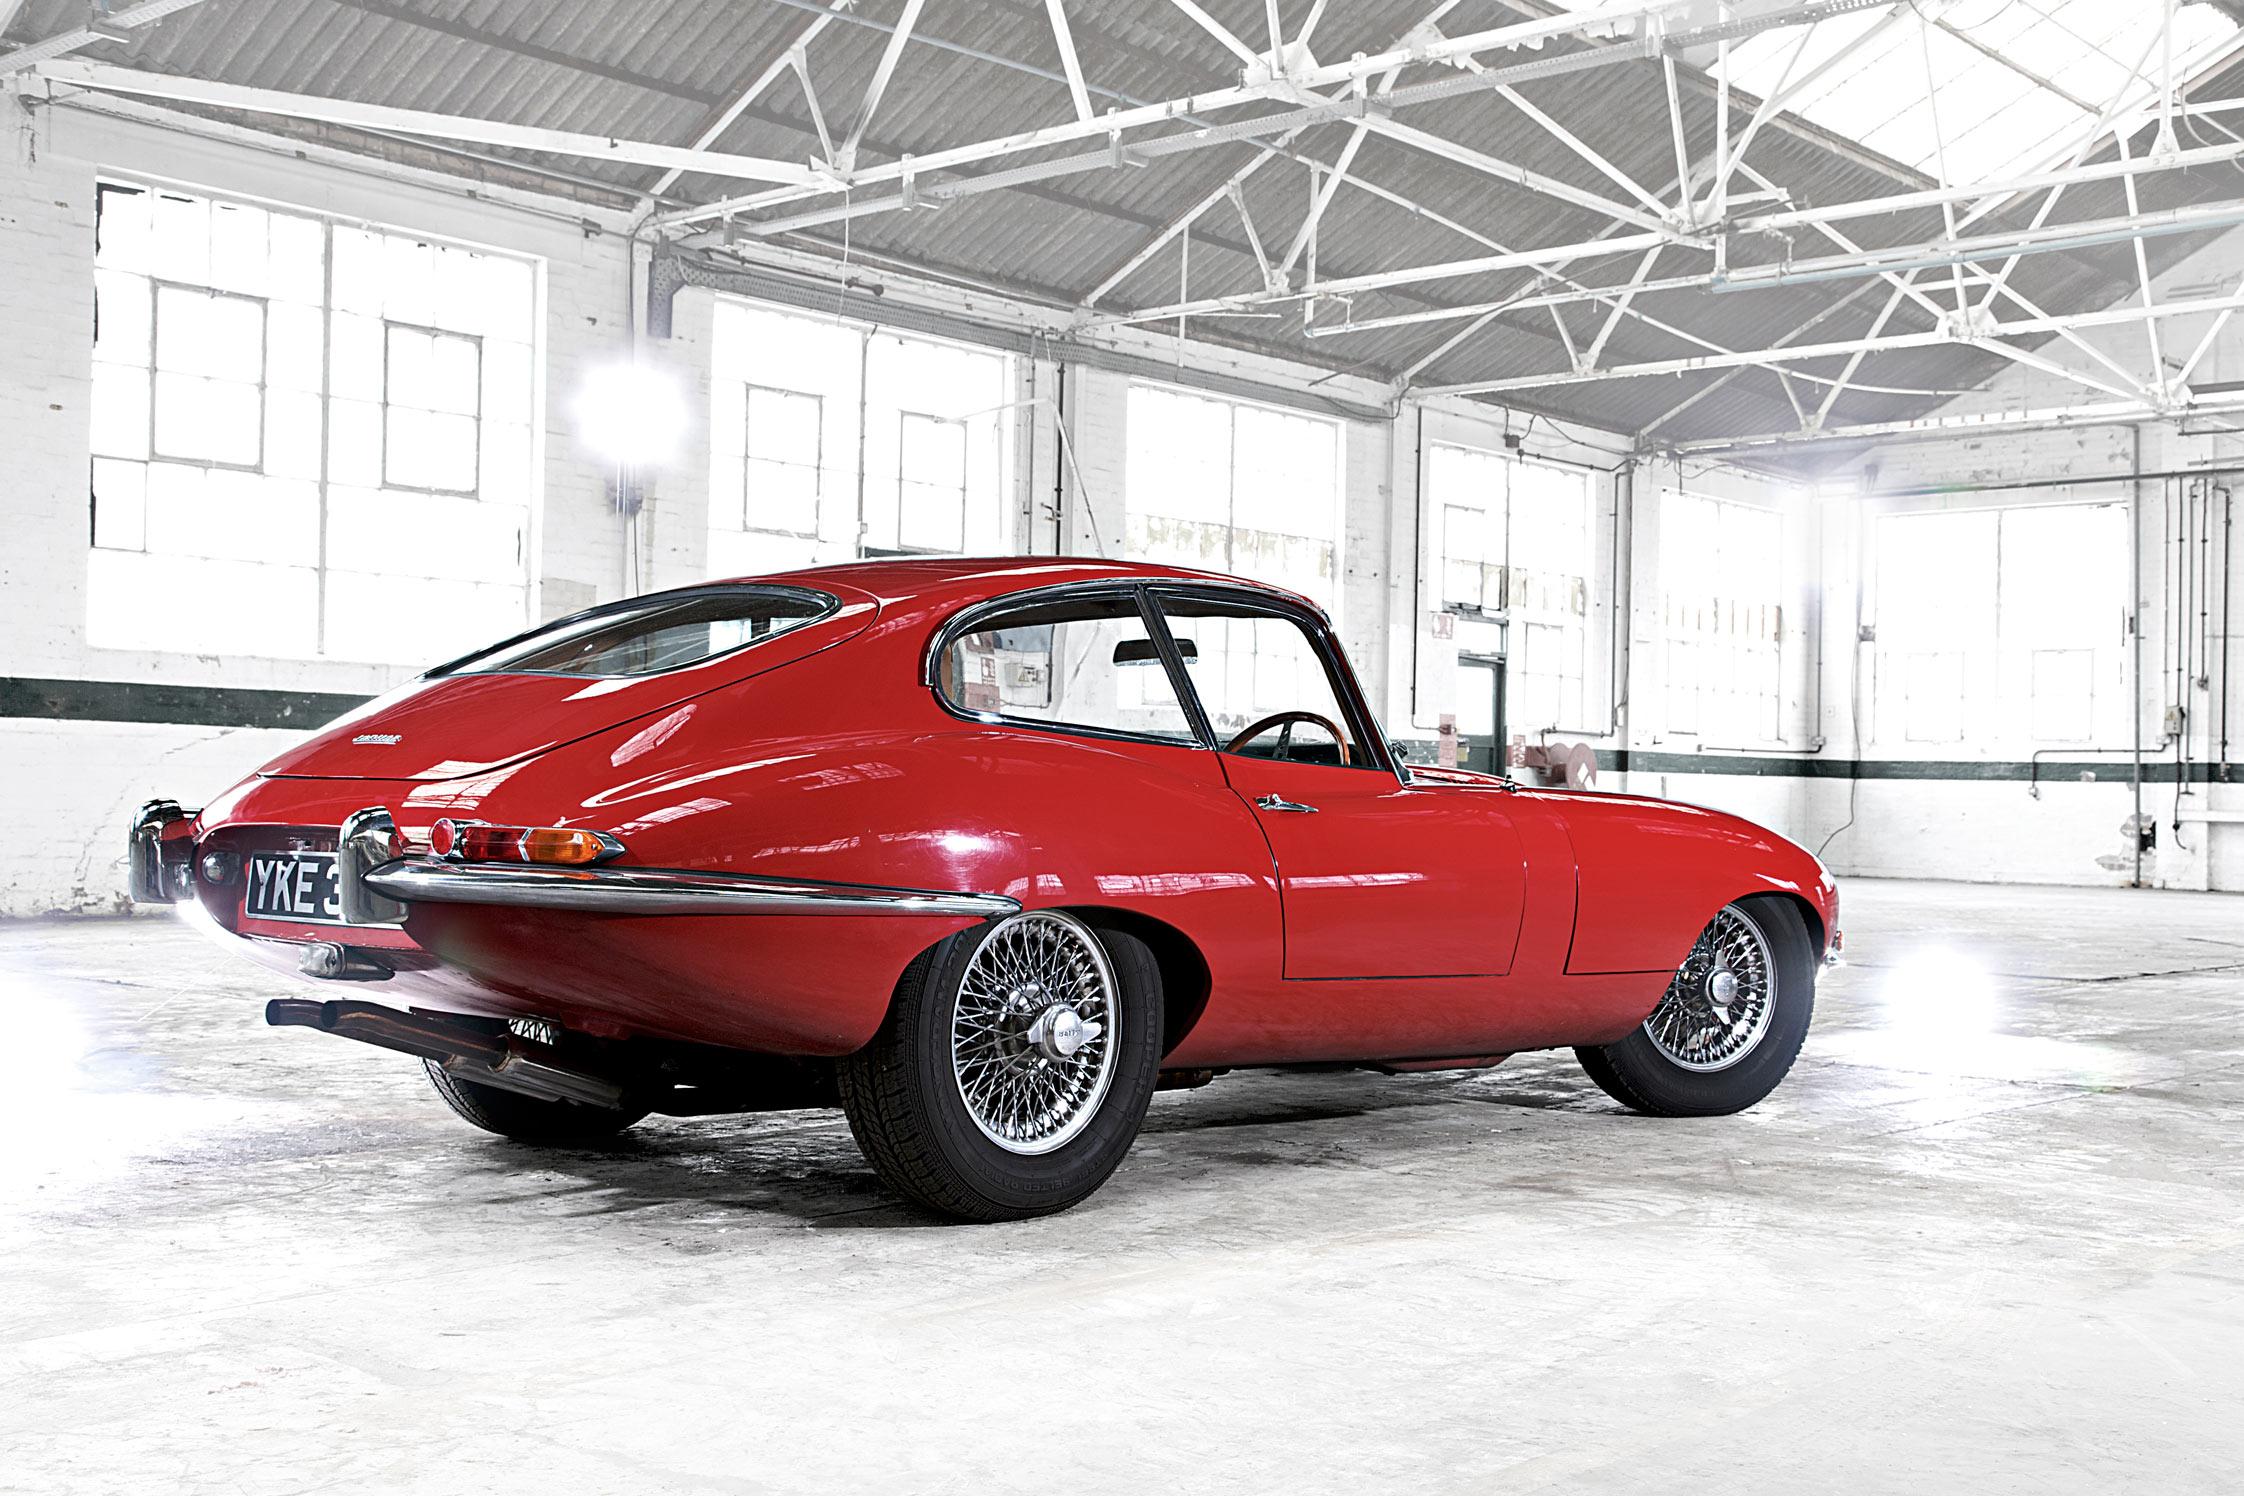 jaguar type e - les 50 ans de la jaguar type e - diaporama photo